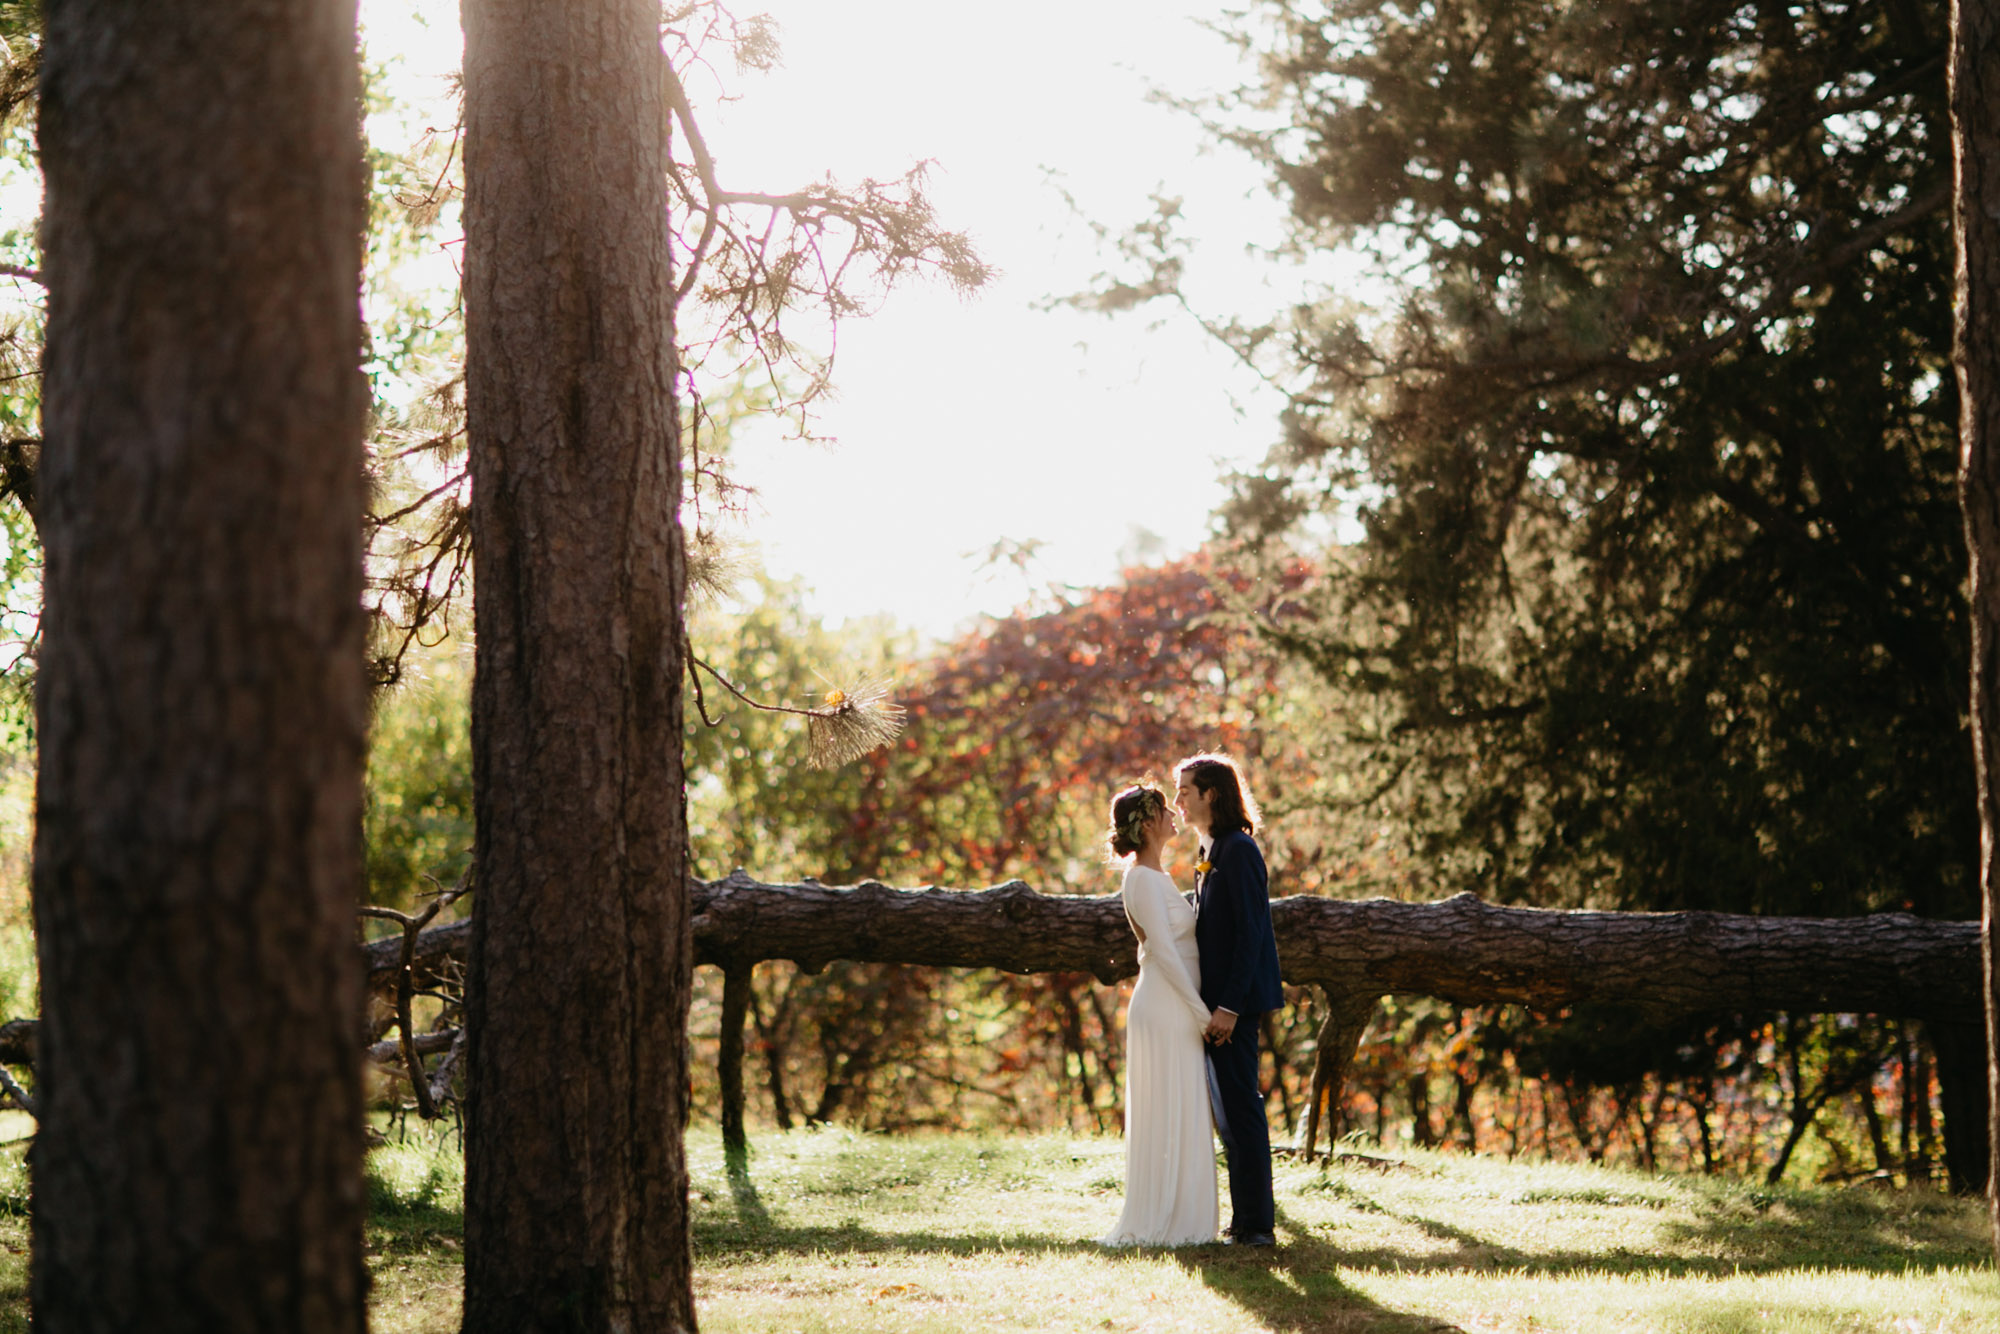 omaha-elopement-photographer-32.jpg